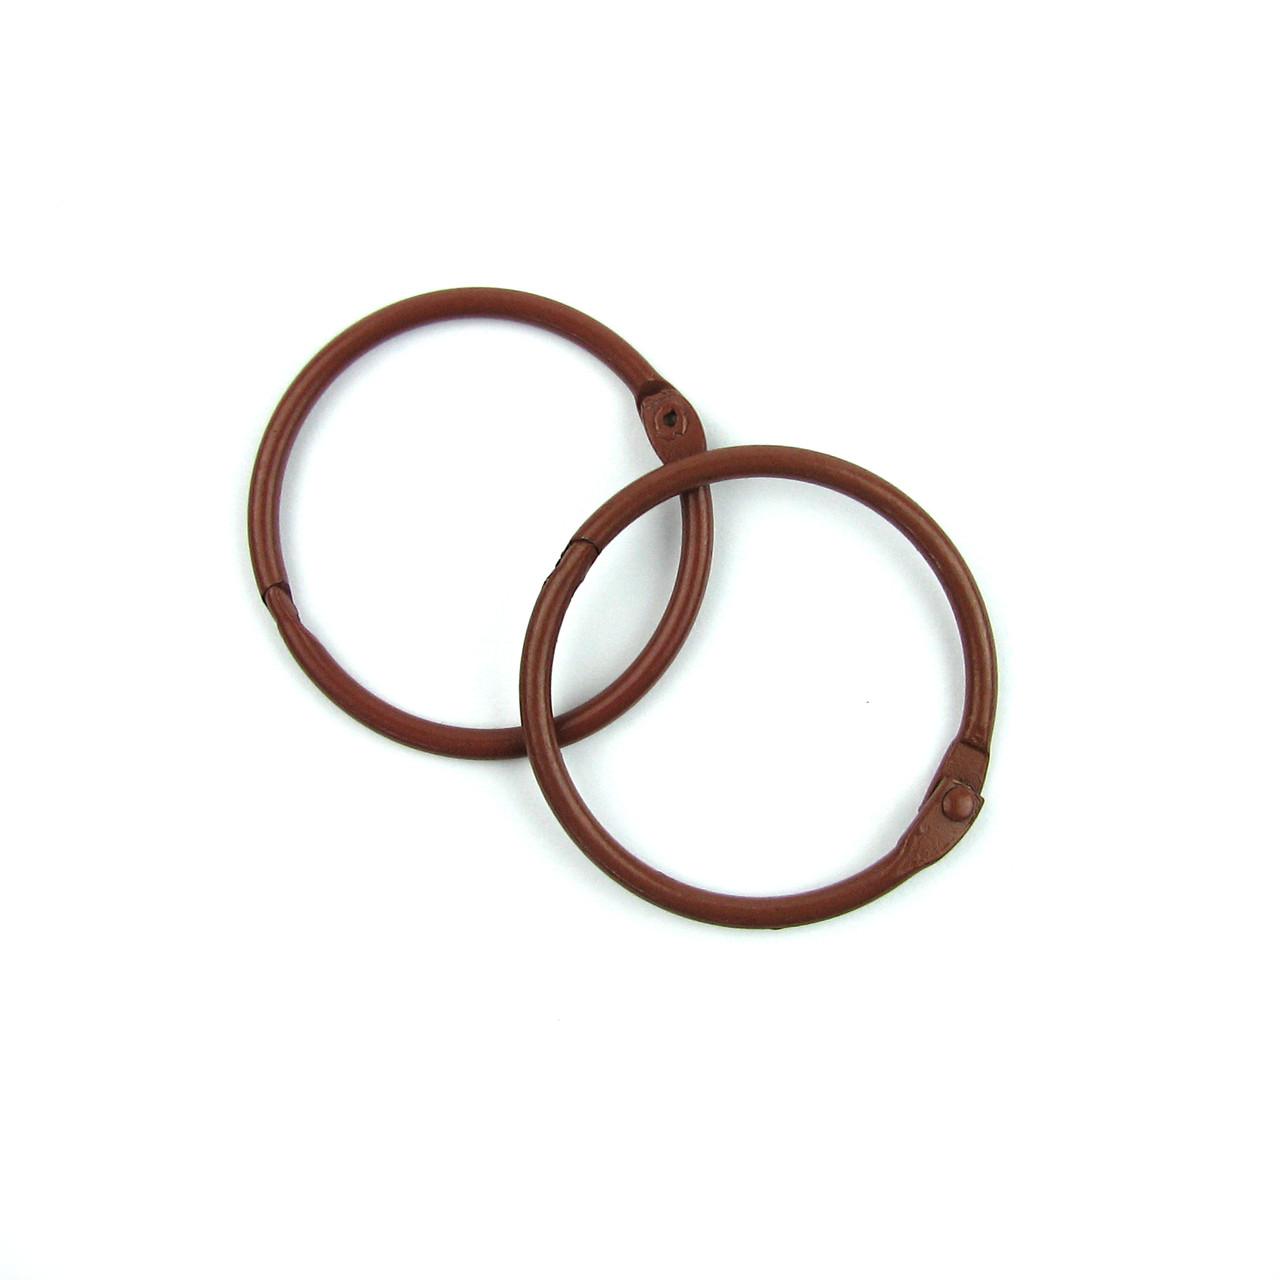 Кольца для альбомов, блокнотов, коричневый 40мм 2шт в наборе